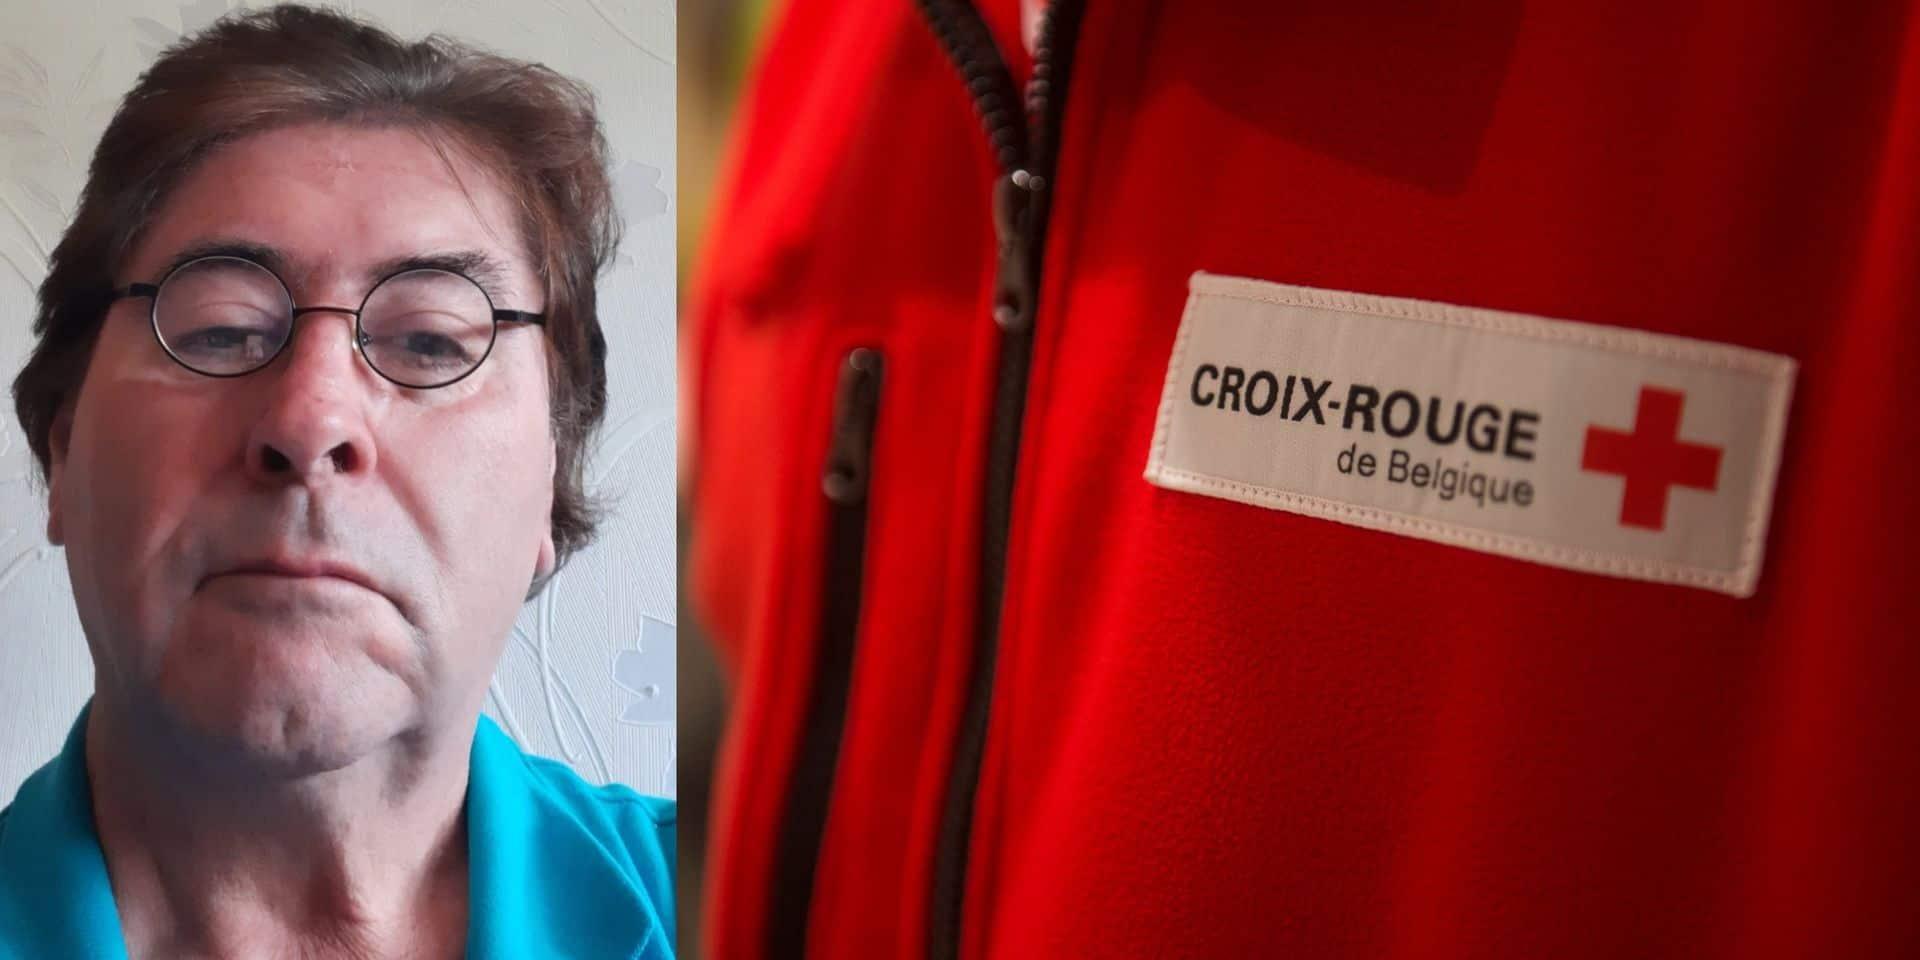 """La Croix-Rouge lui réclame 3.000 euros pour des transports médicaux: il dénonce des """"sommes injustifiées"""""""